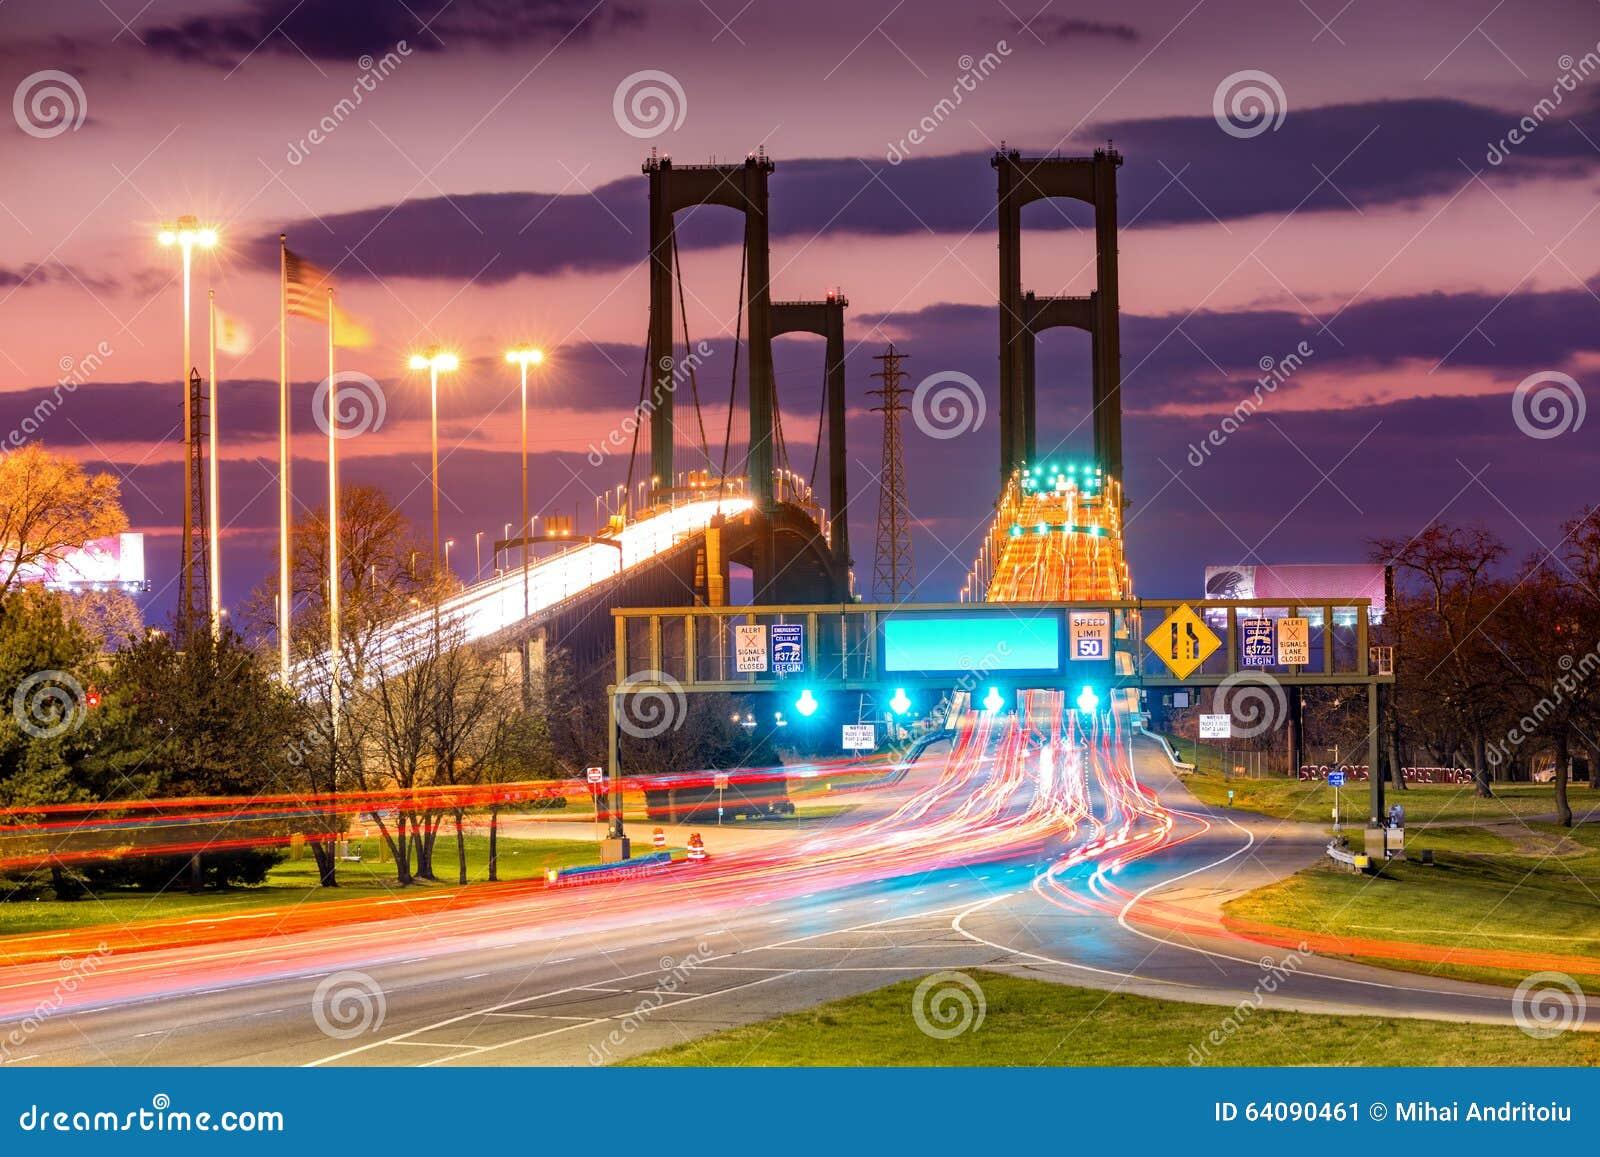 El tráfico se arrastra en el puente de monumento de Delaware en la oscuridad